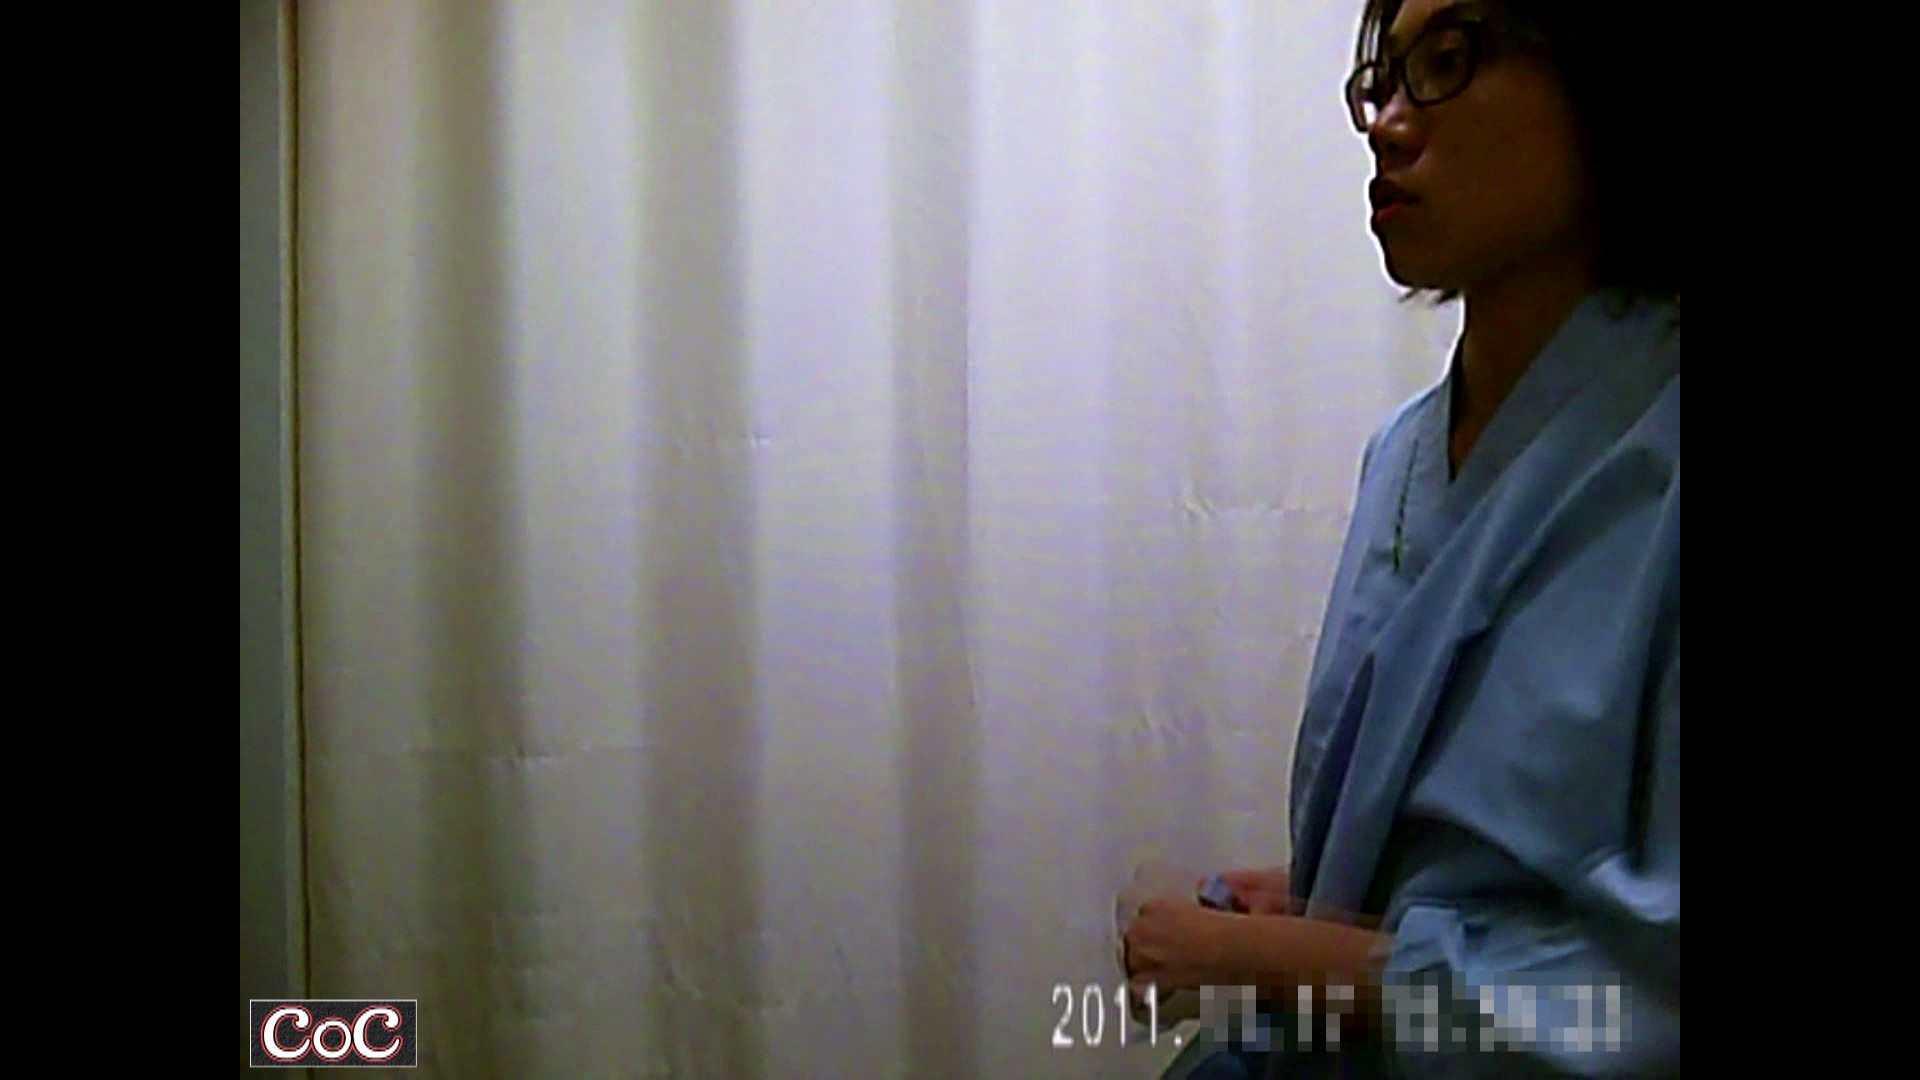 病院おもいっきり着替え! vol.94 貧乳   OLエロ画像  78PICs 36